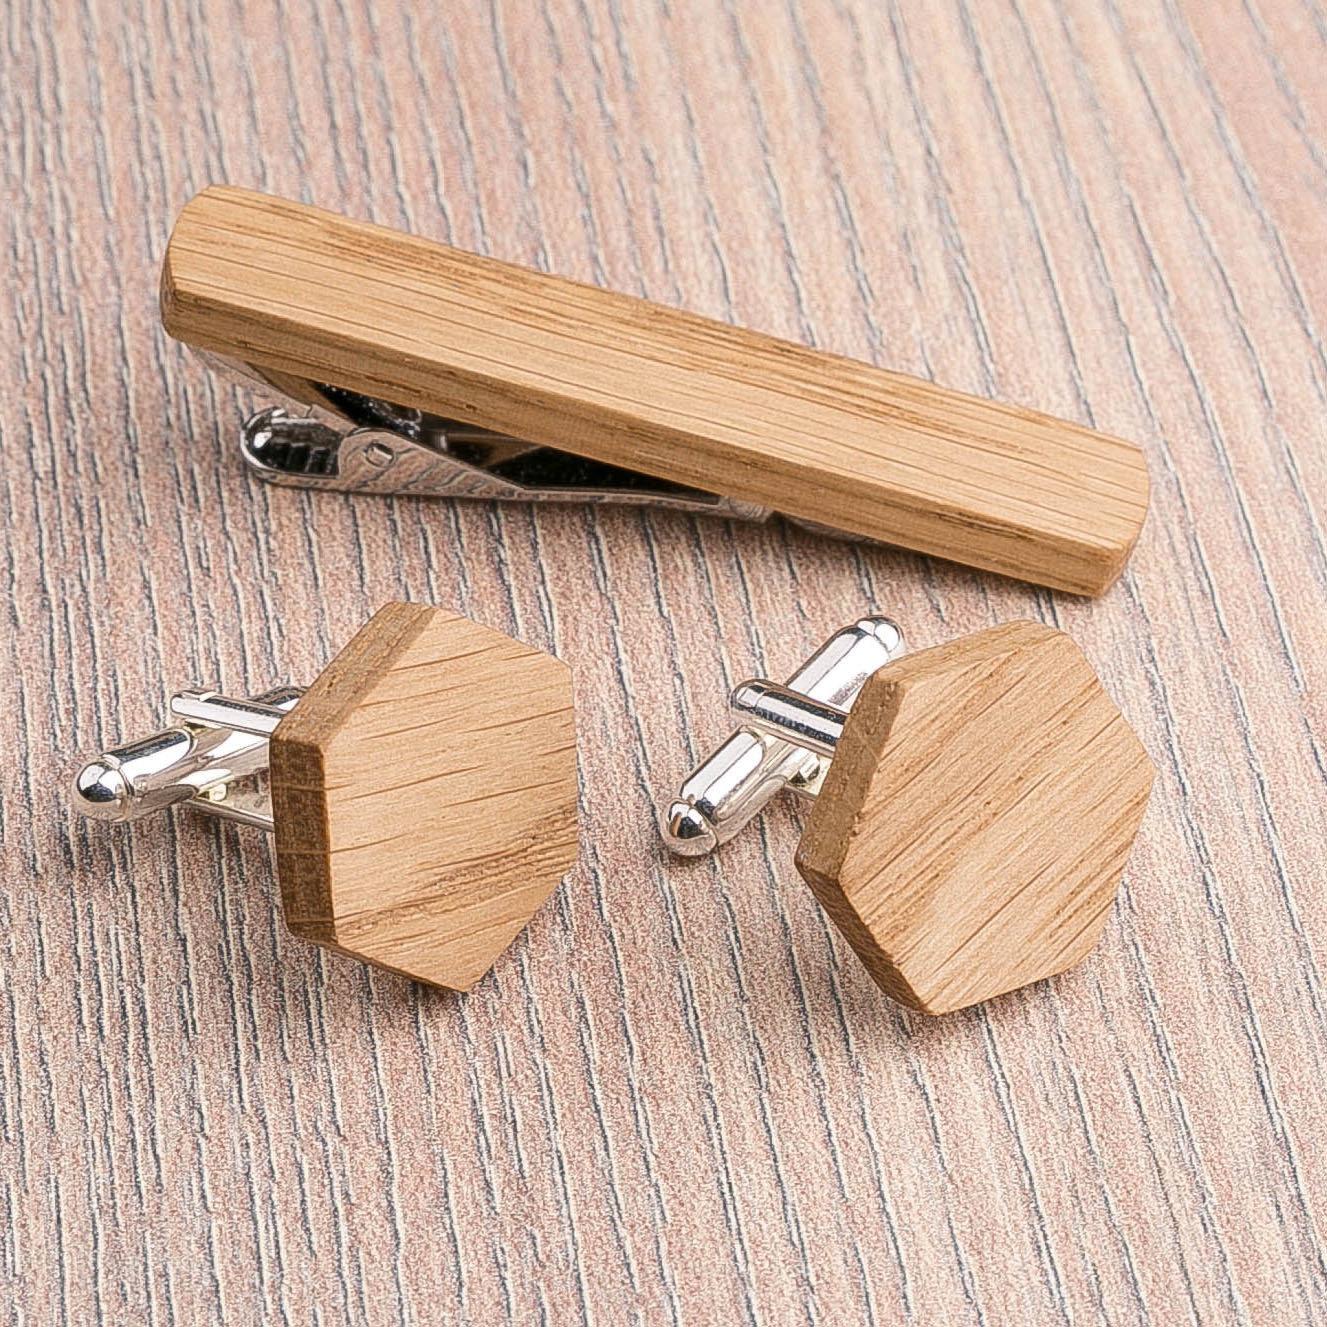 Комплект: Шестигранные запонки из дерева и Деревянный зажим для галстука. Массив дуба. Гравировка инициалов. Упаковка в комплекте CufflinksSet-OctagonOak